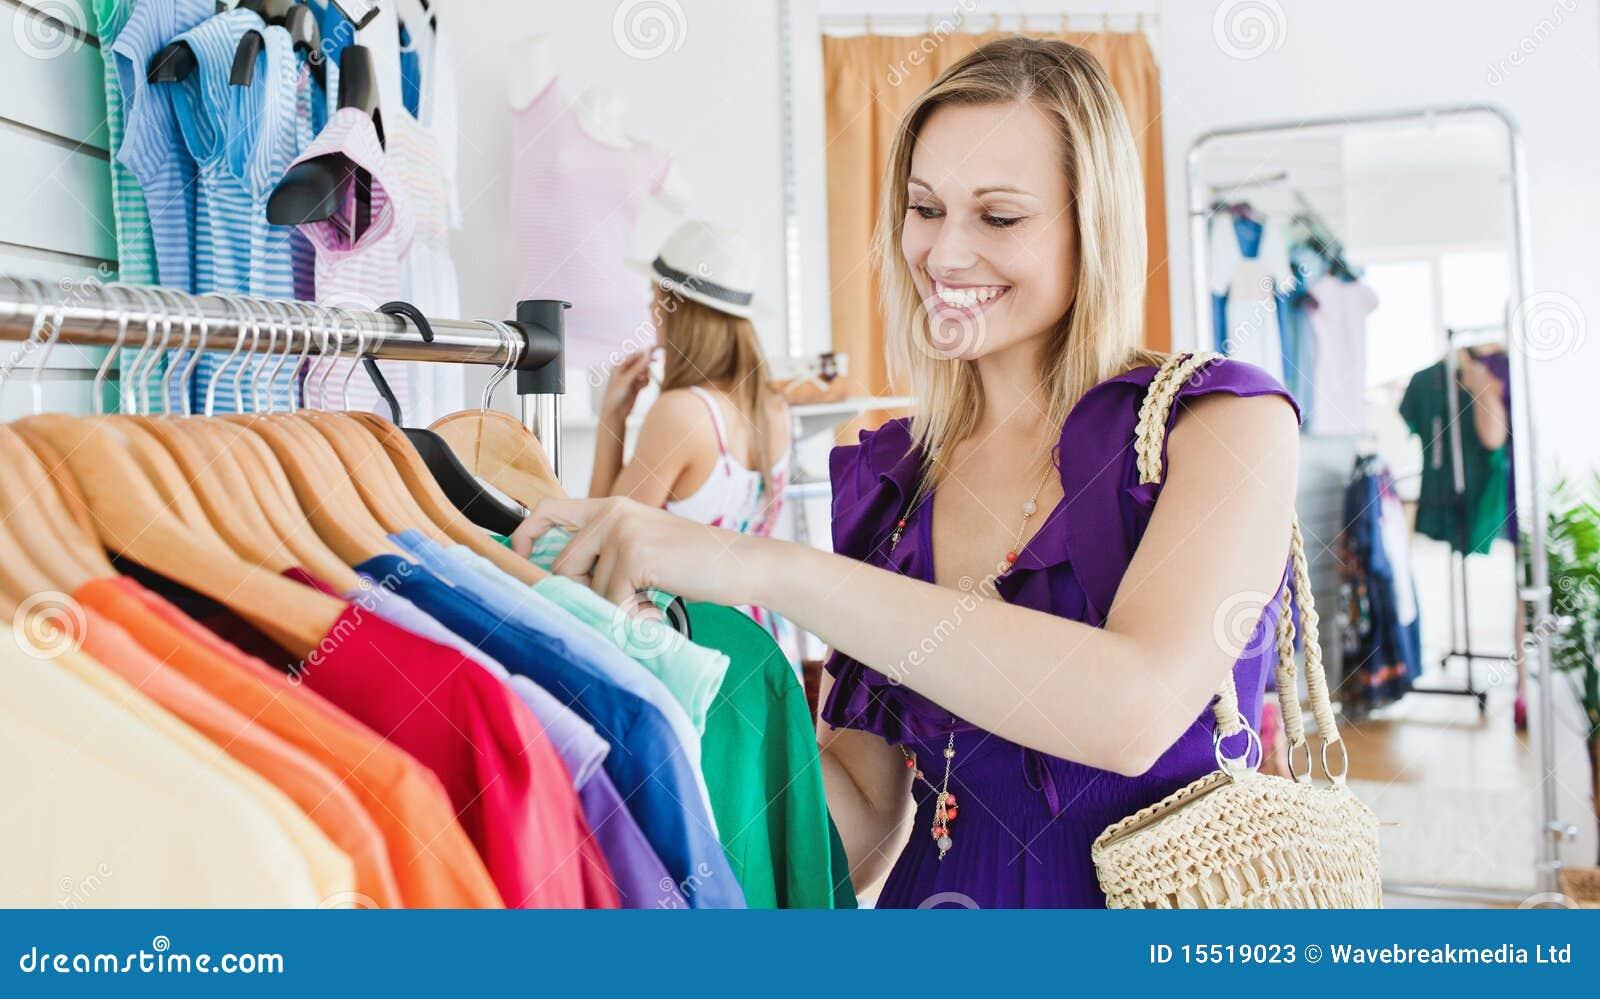 Трахнул продавщицу в магазине, С продавщицей - бесплатное порно онлайн 23 фотография